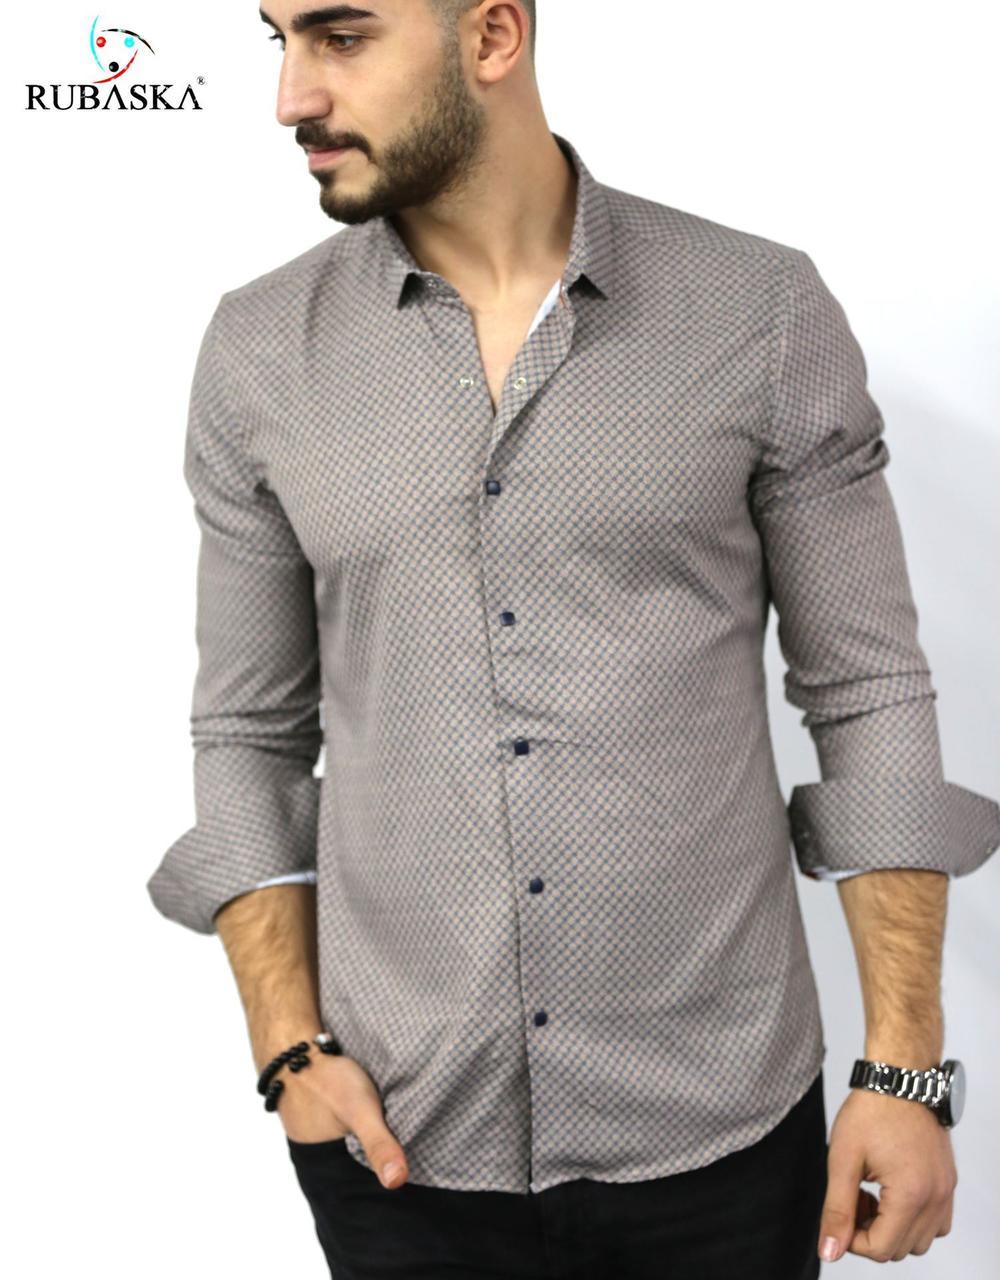 Мужская рубашка с длинным рукавом Rubaska Турция